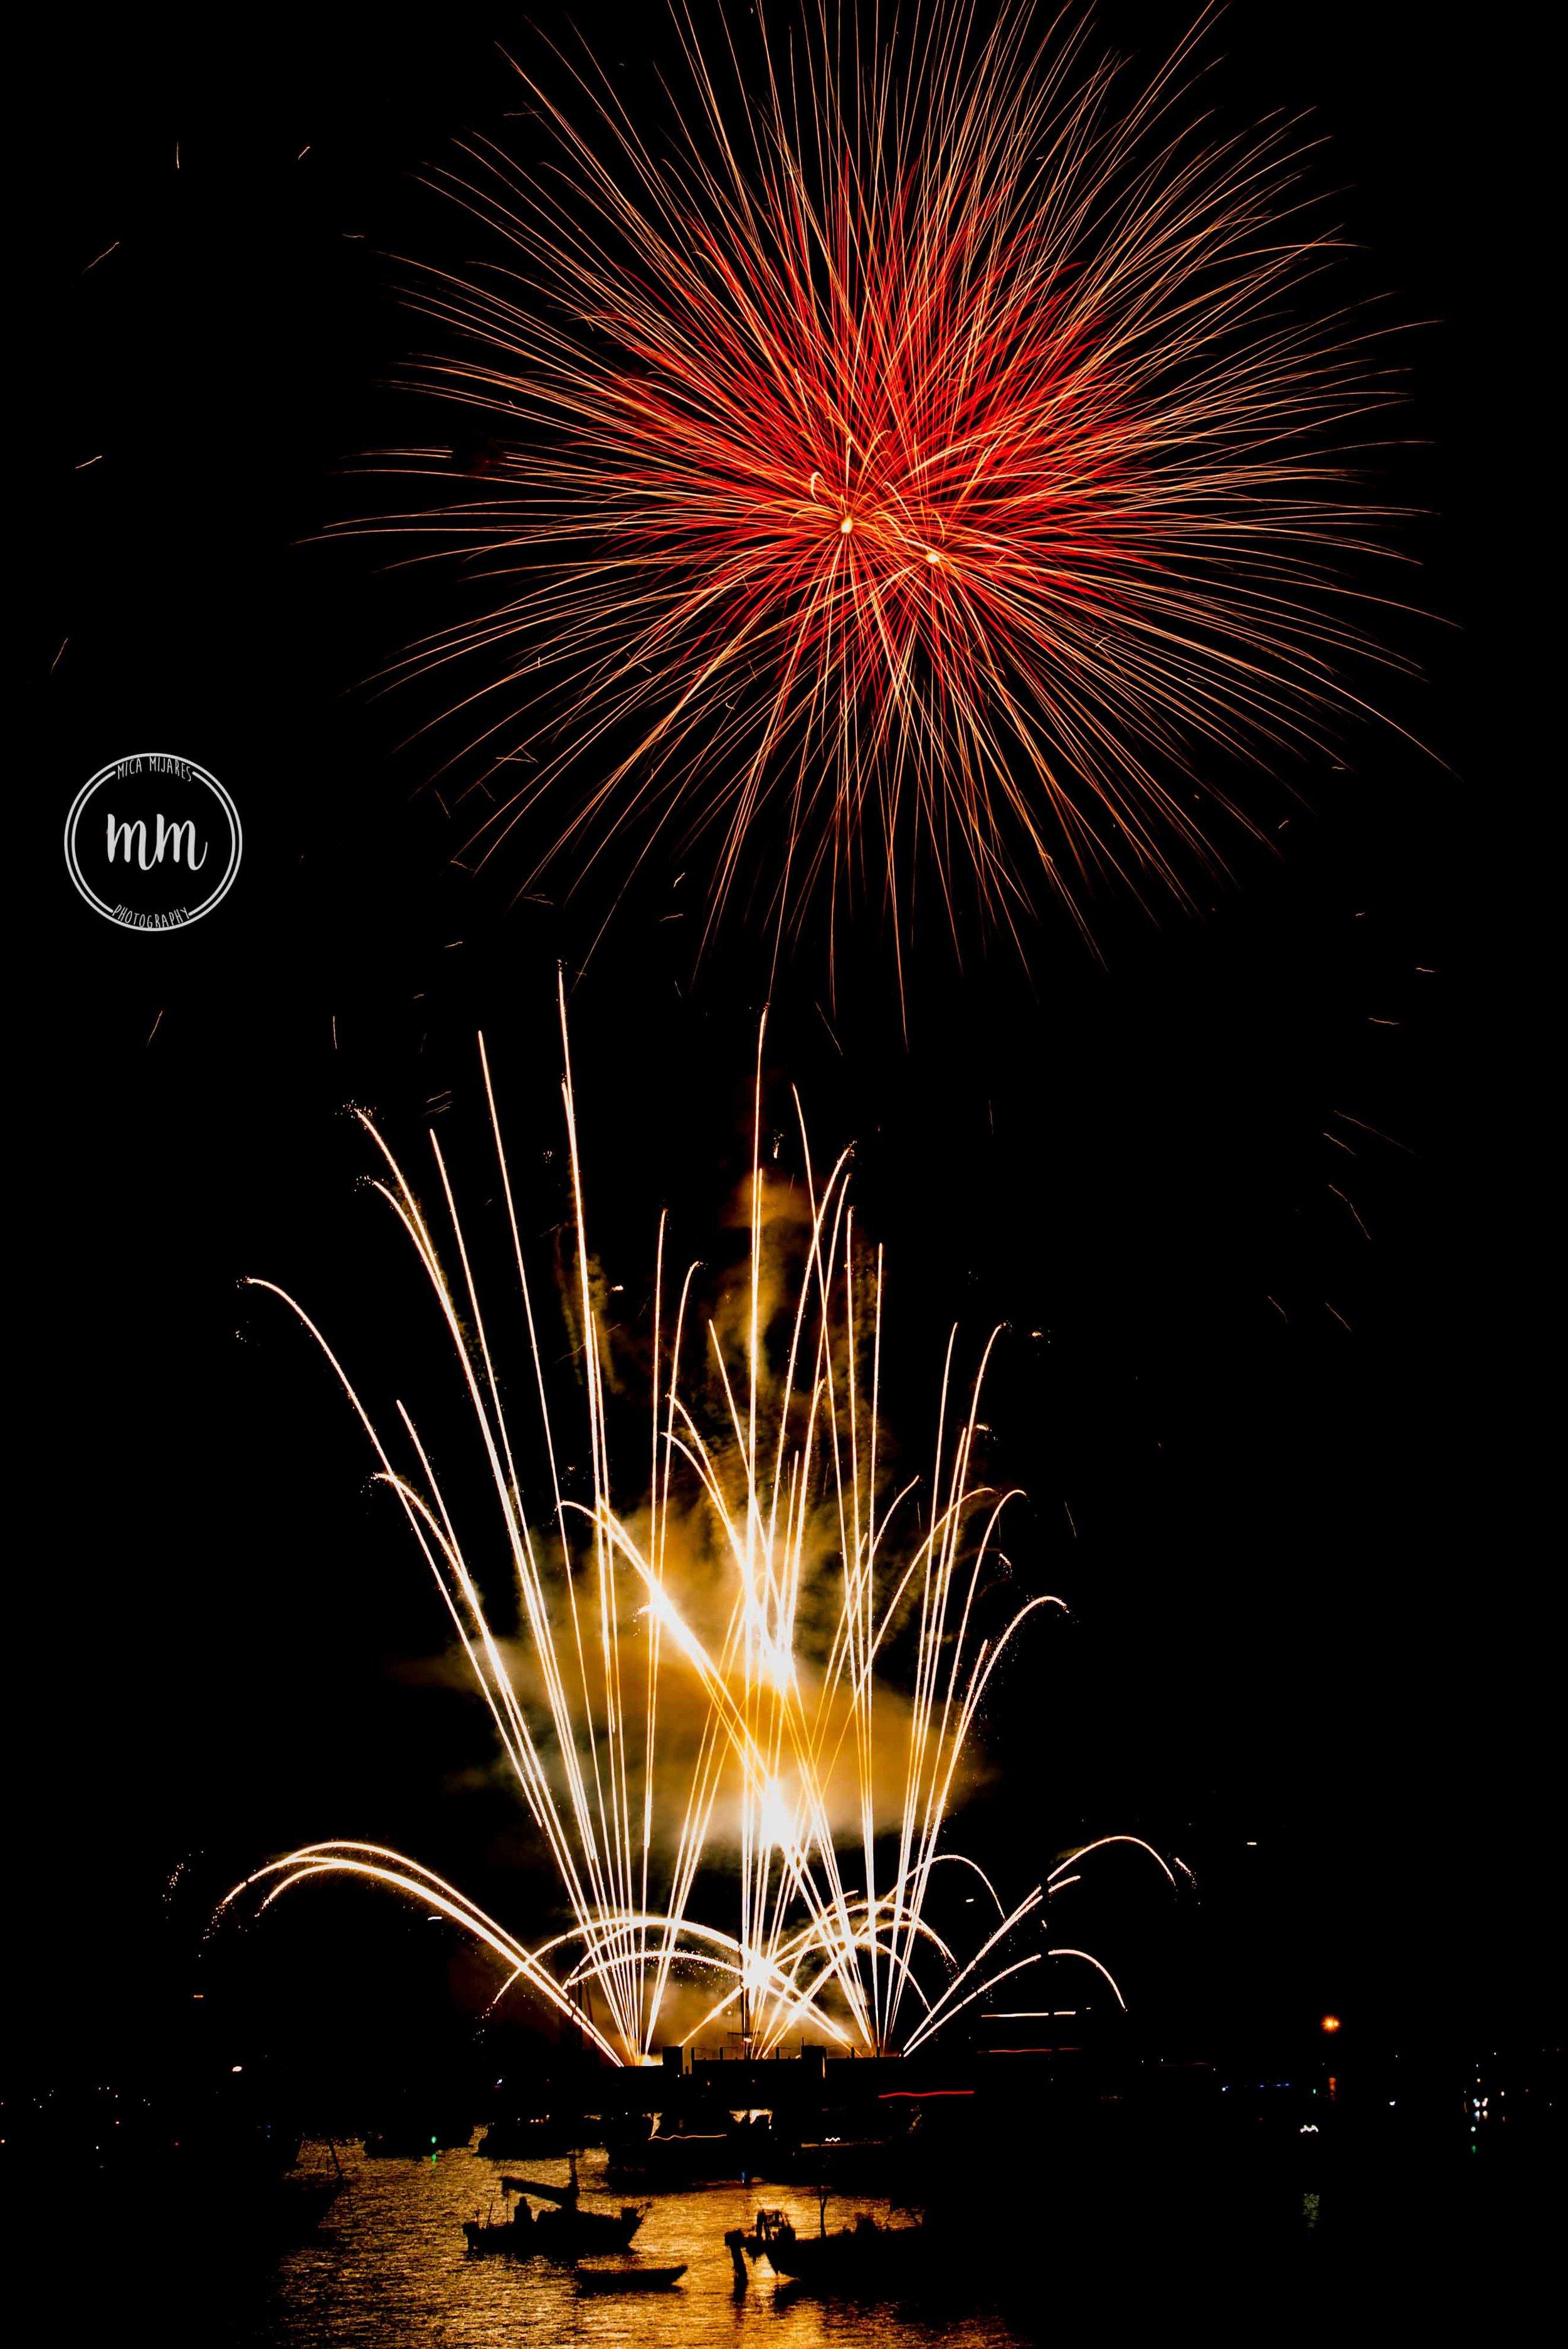 ukfireworks-MicaMijaresPhotography-7.jpg